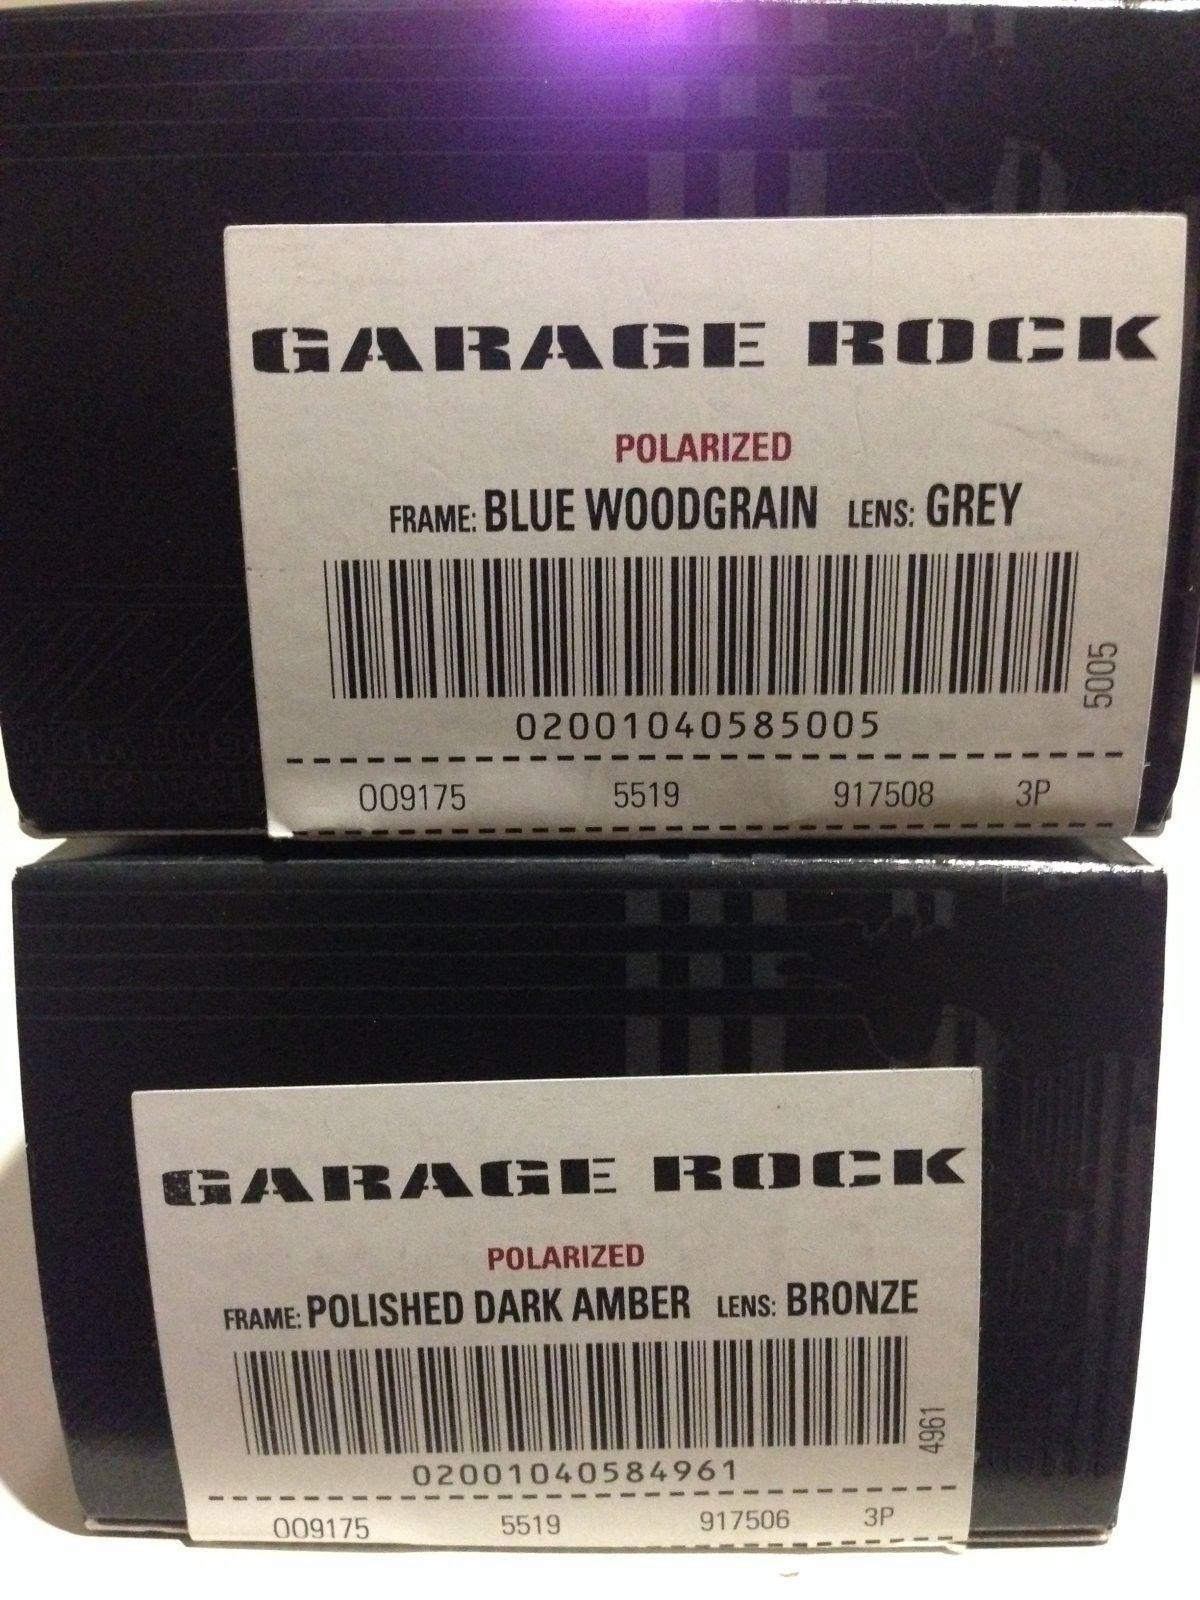 Garage Rock - both2.JPG